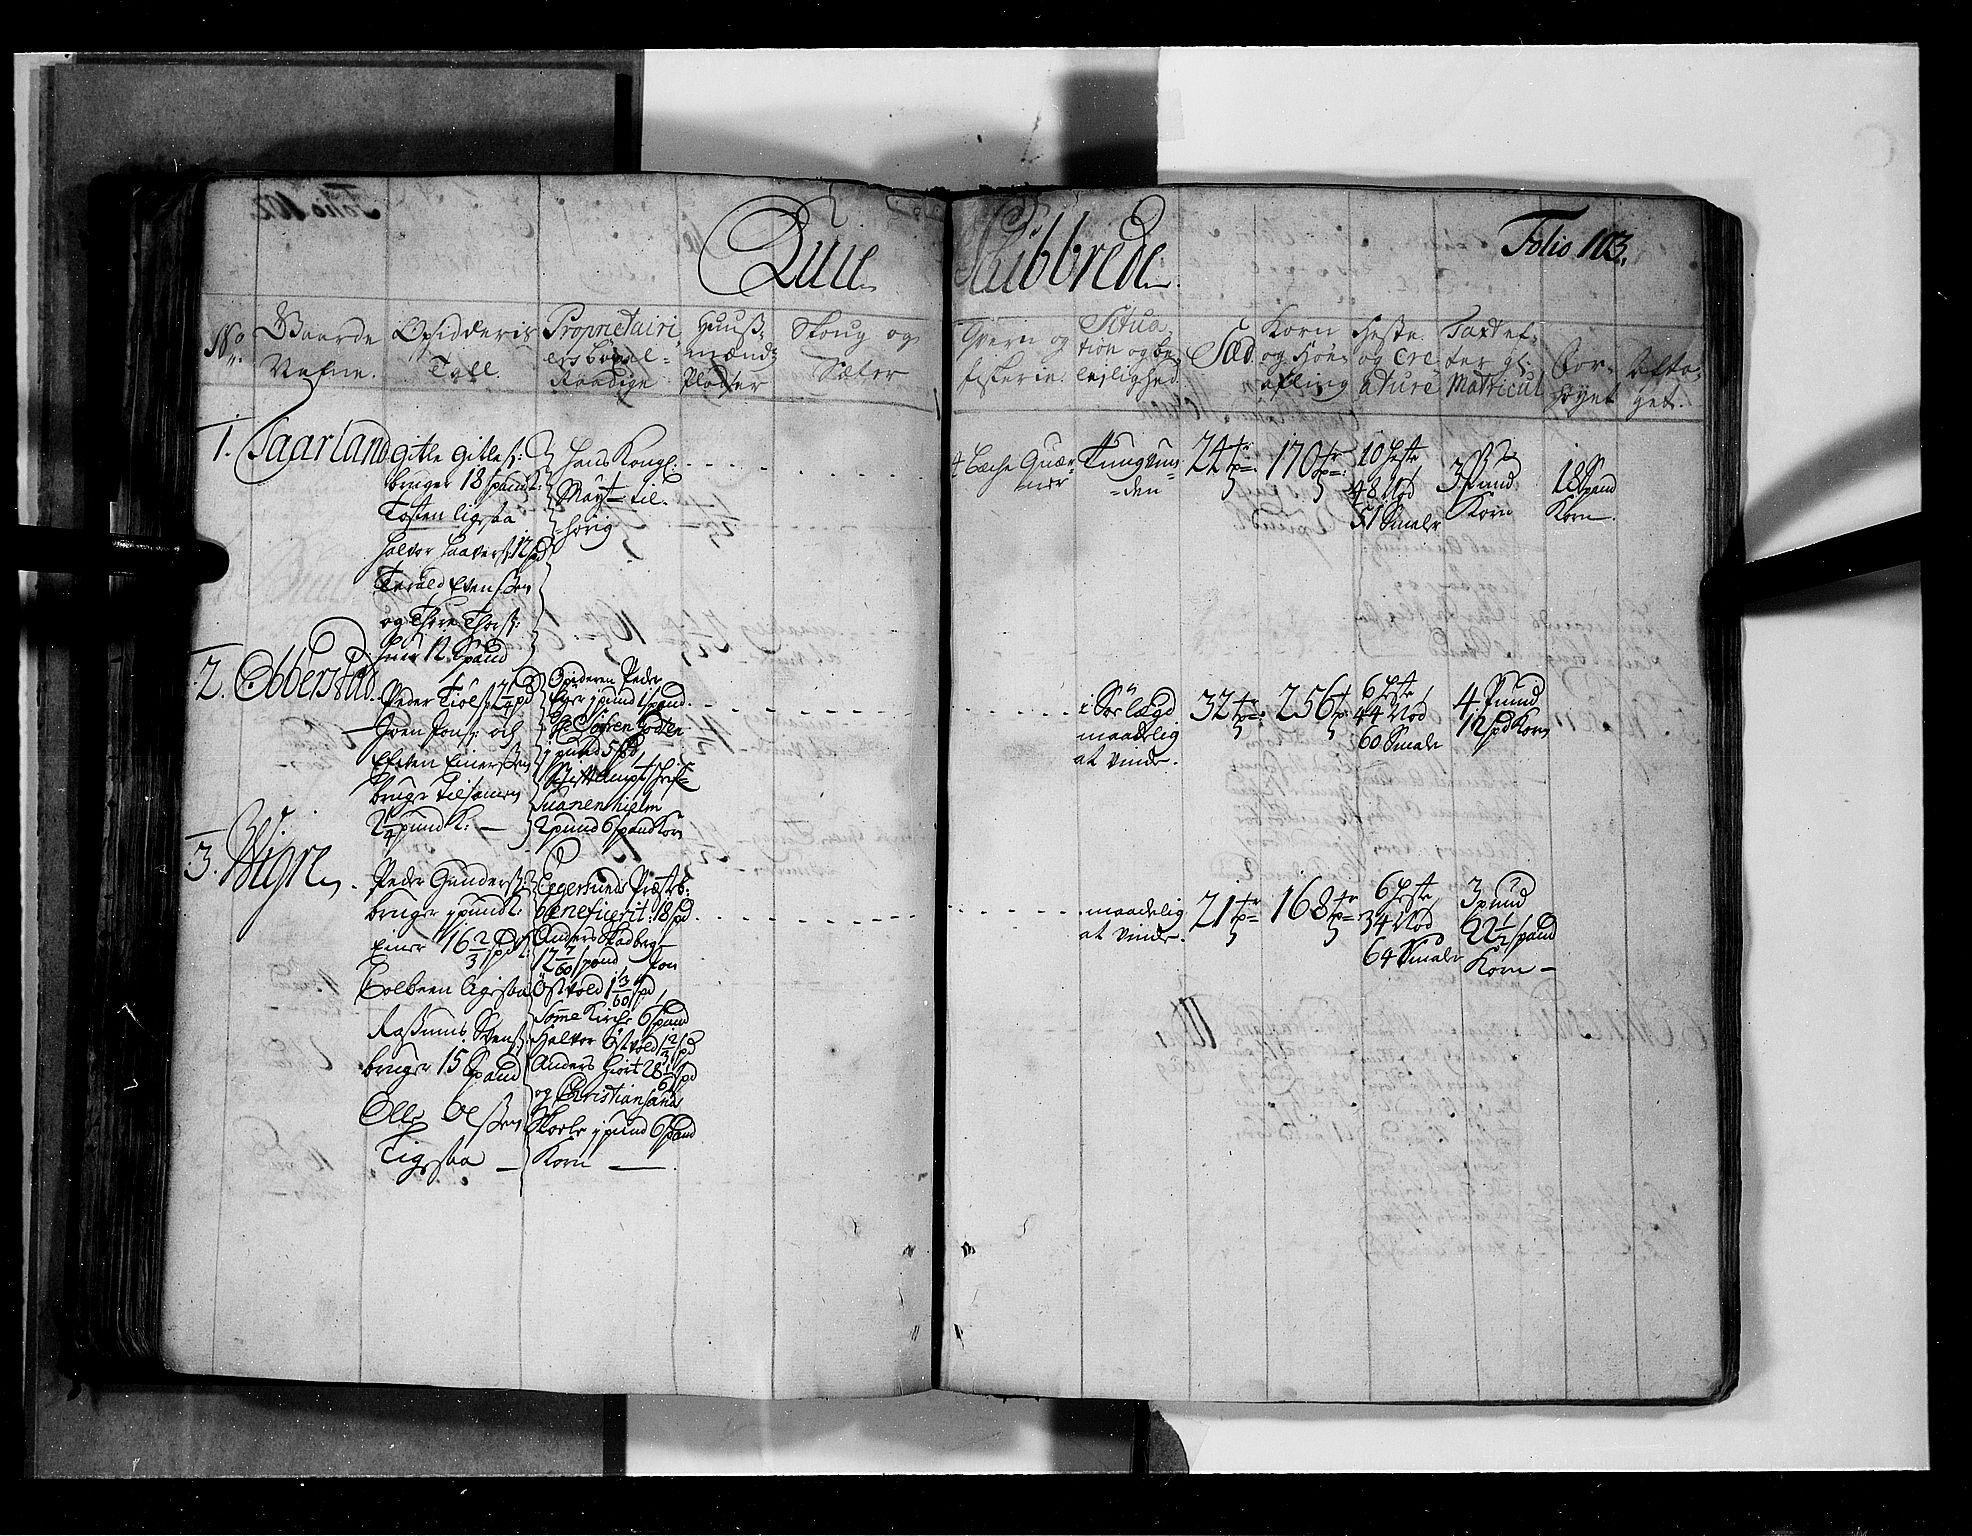 RA, Rentekammeret inntil 1814, Realistisk ordnet avdeling, N/Nb/Nbf/L0131: Jæren og Dalane eksaminasjonsprotokoll, 1723, s. 102b-103a